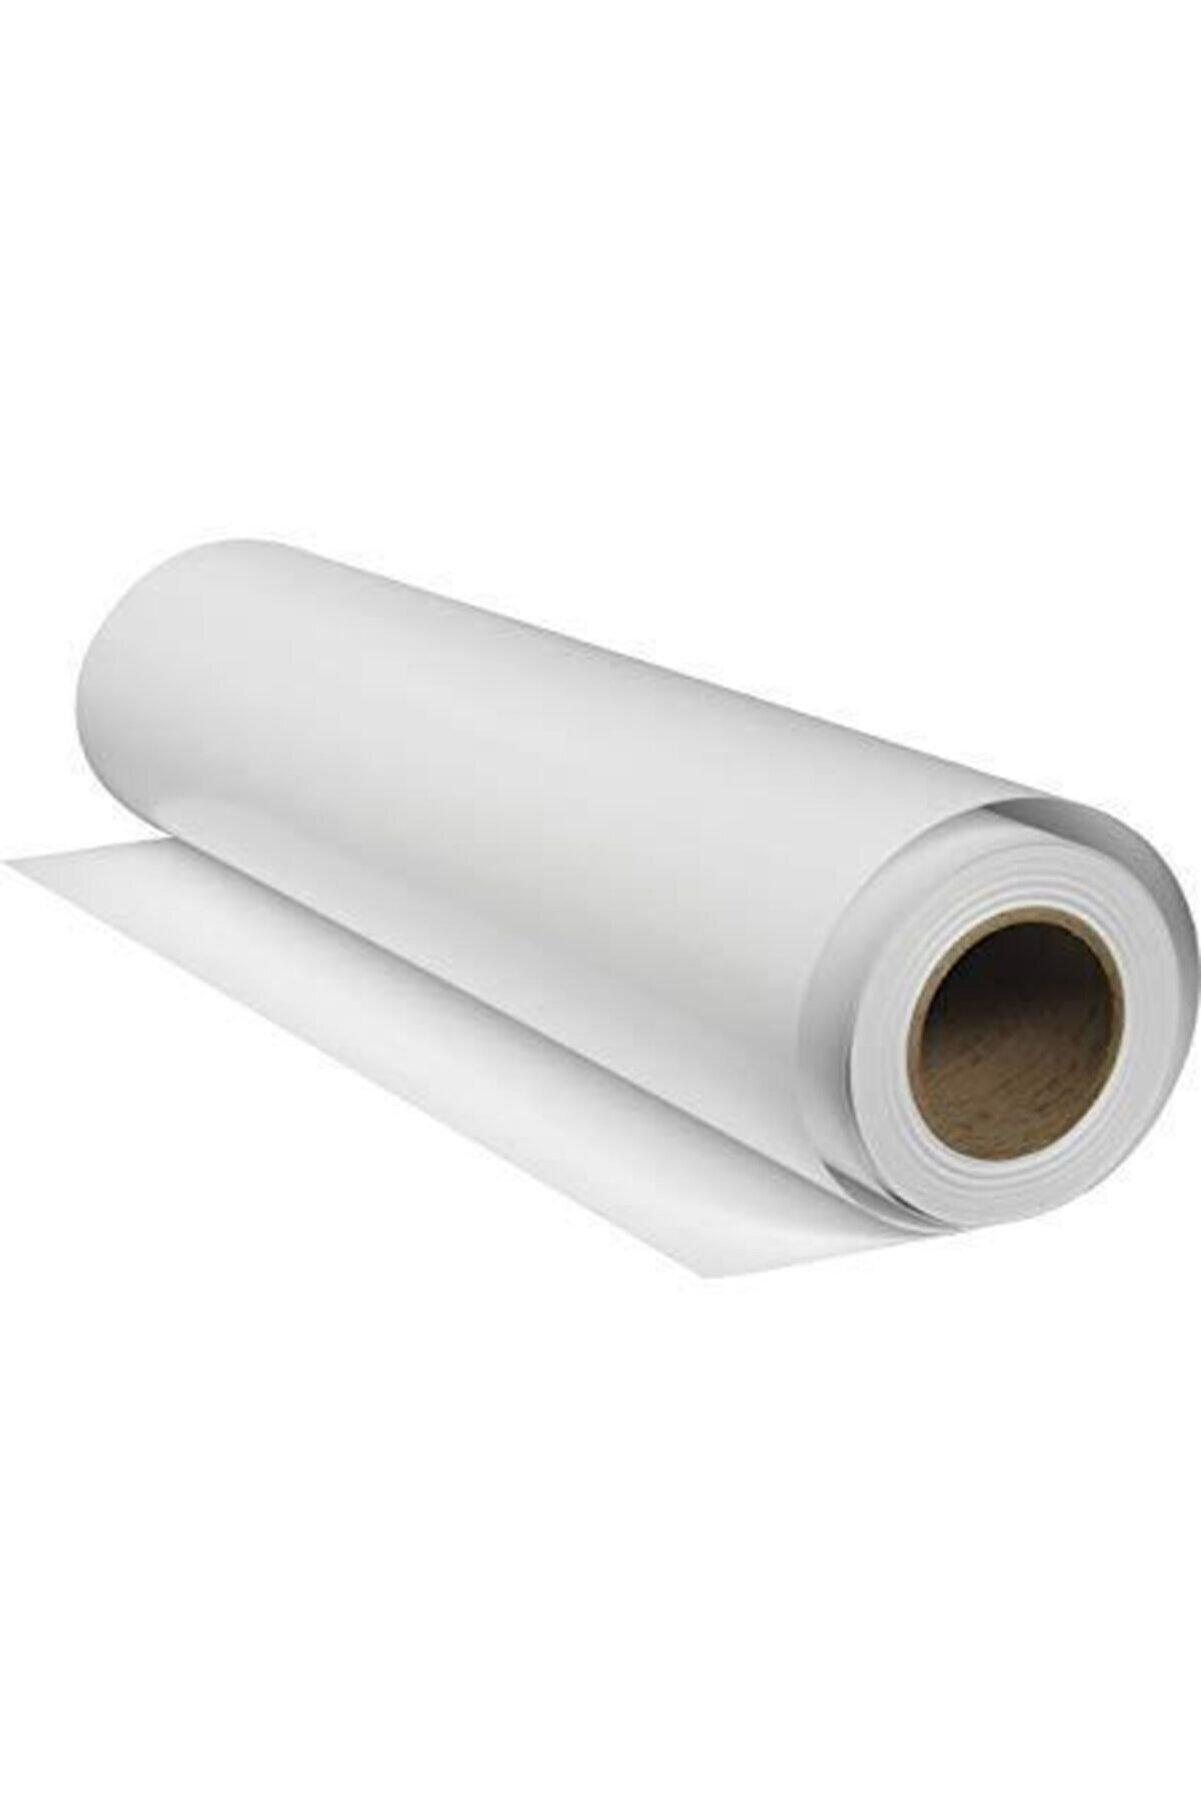 NewVario Mobilya Dolap Kaplama Folyosu Mat Beyaz 45 Cm-6 Metre